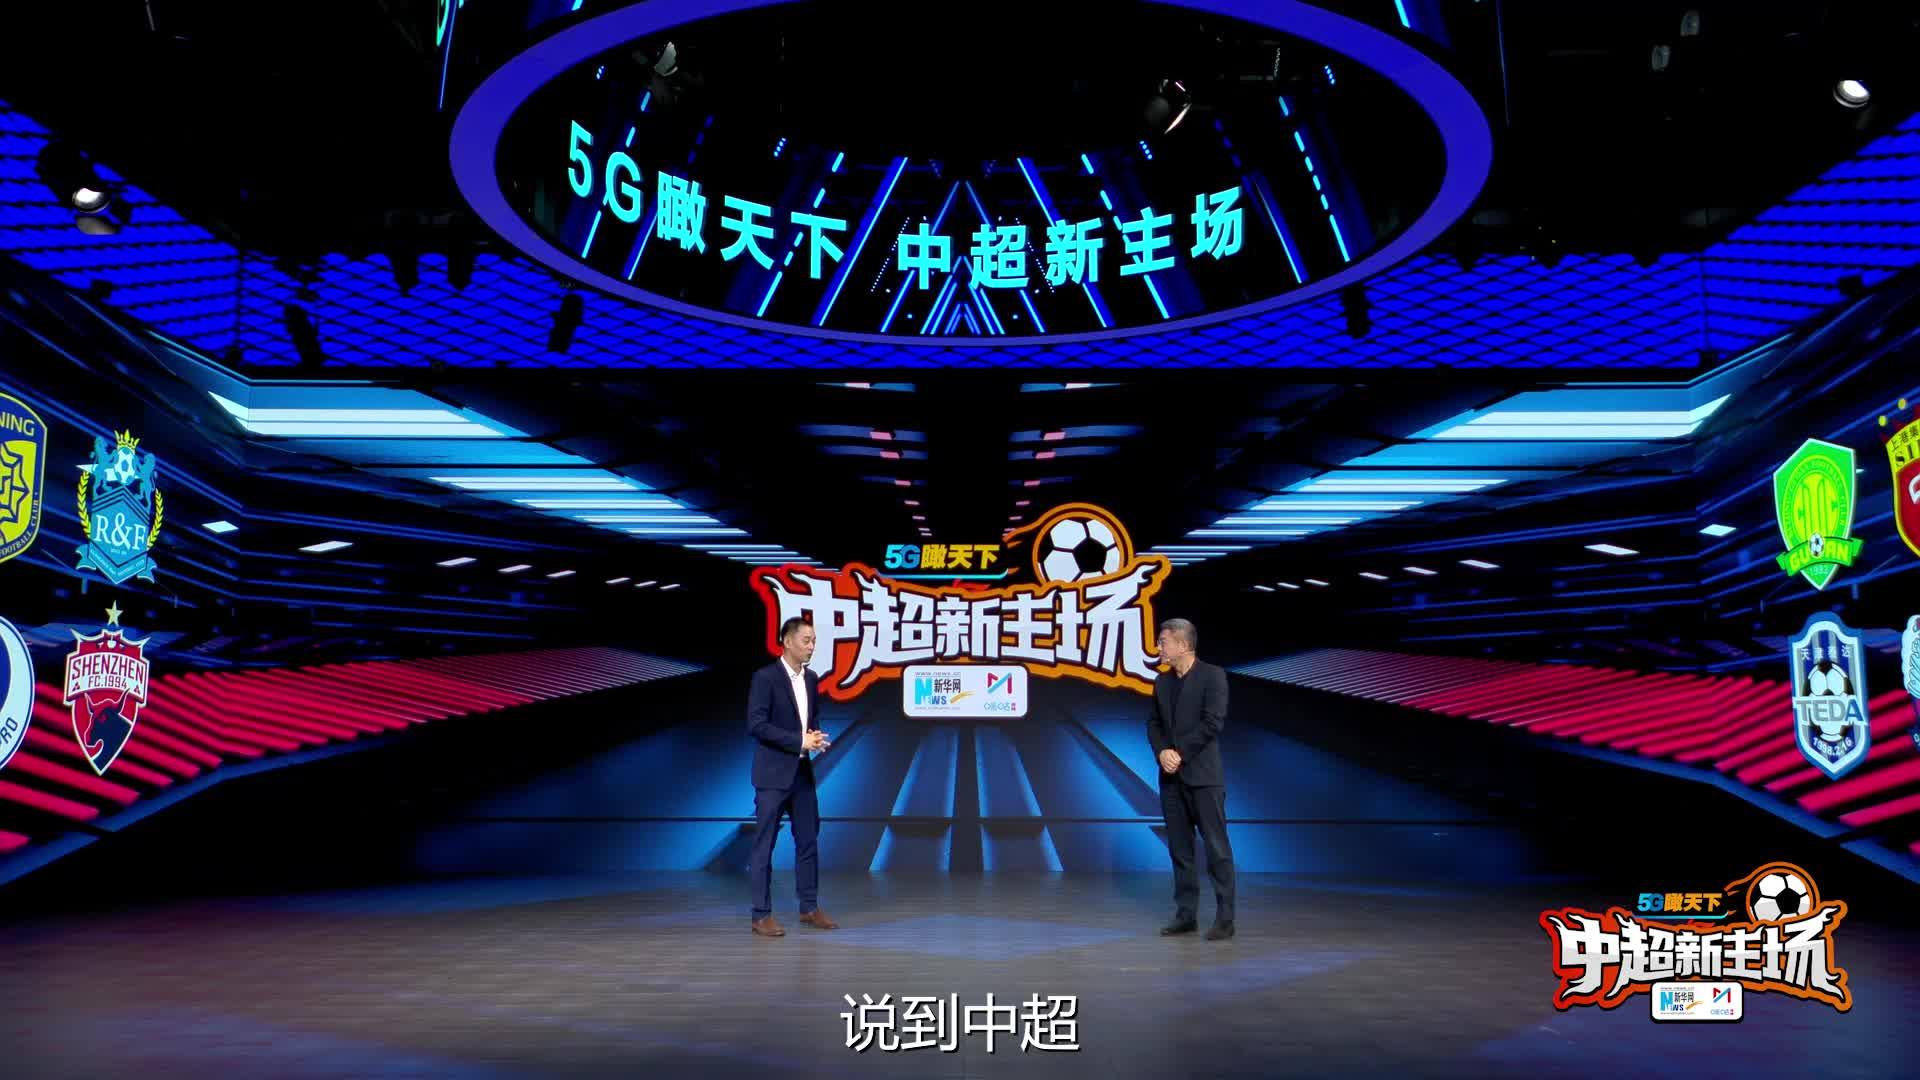 刘建宏回忆首个甲A联赛技术条件:东西全靠借